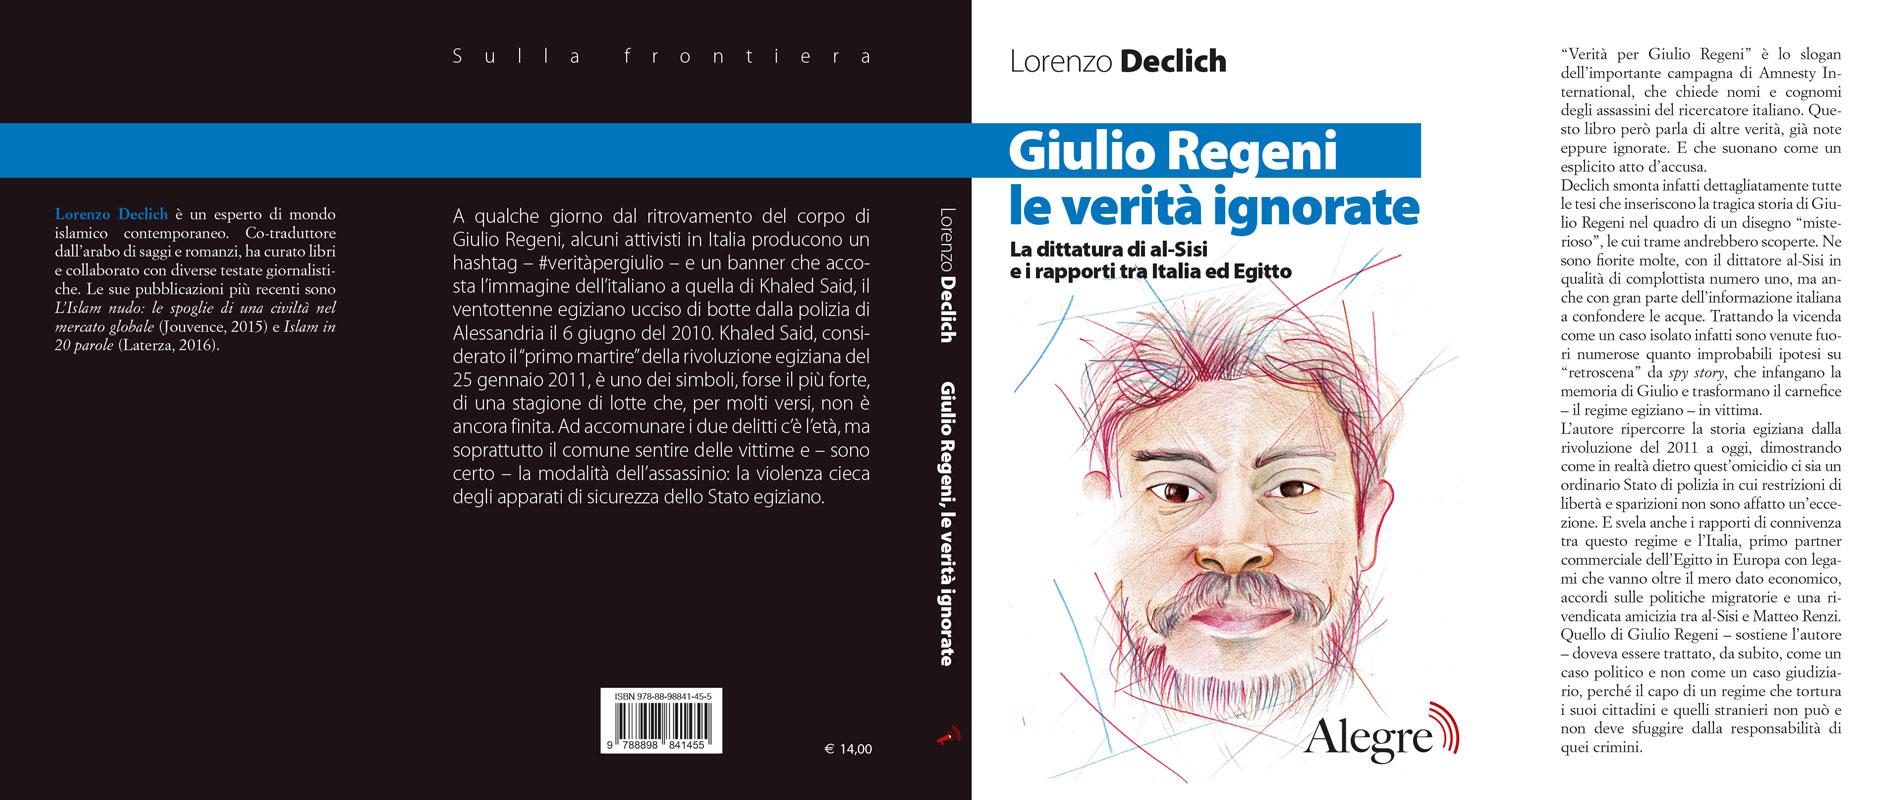 Lorenzo Declich, Giulio Regeni, le verità ignorate, stesa